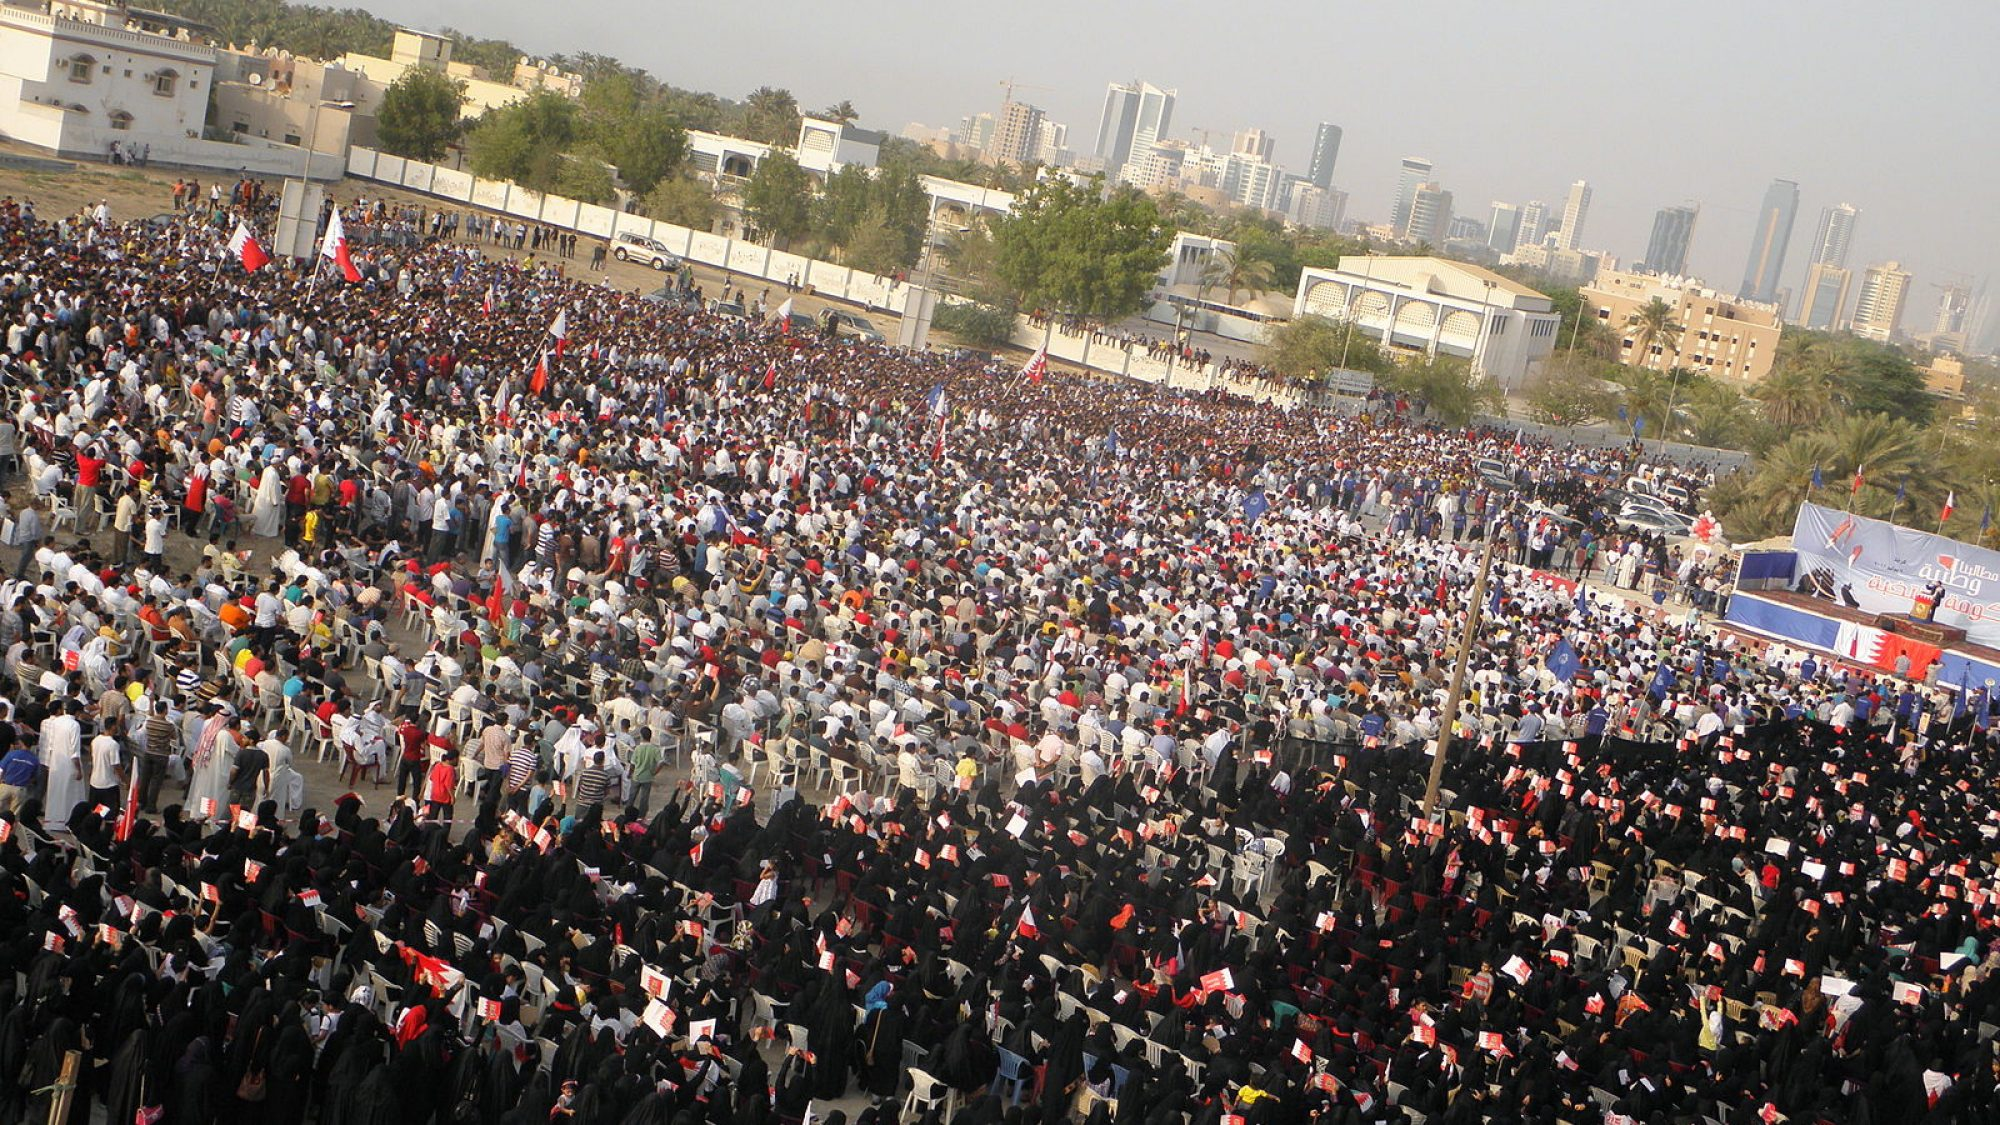 Protestors gather to demand a democratic government in Bahrain, 2011